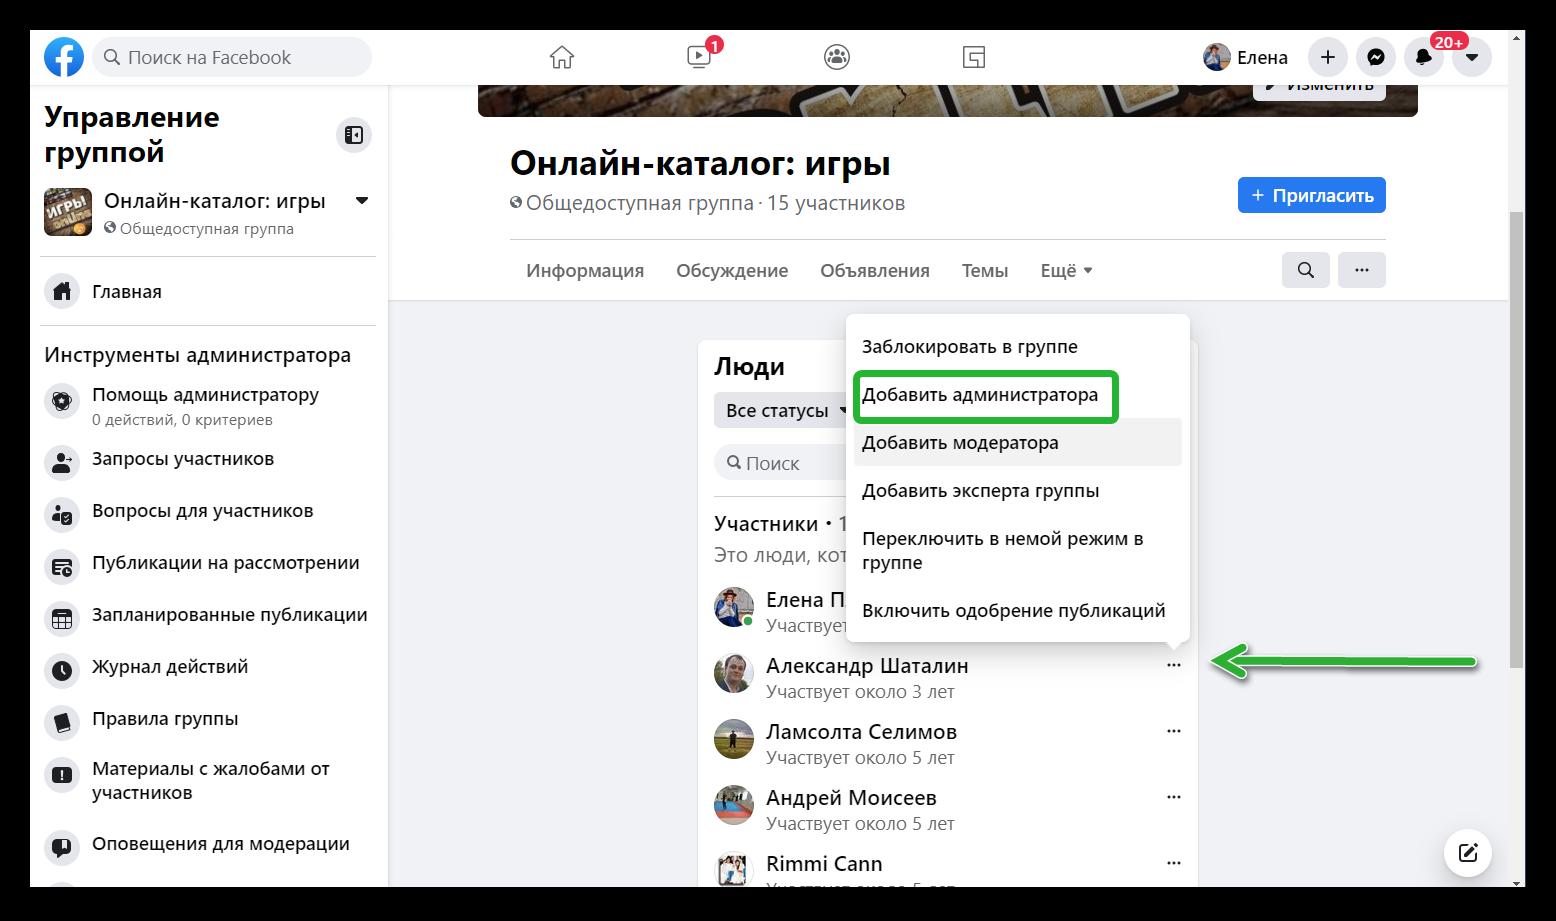 Как добавить администратора в группе в Фейсбуке